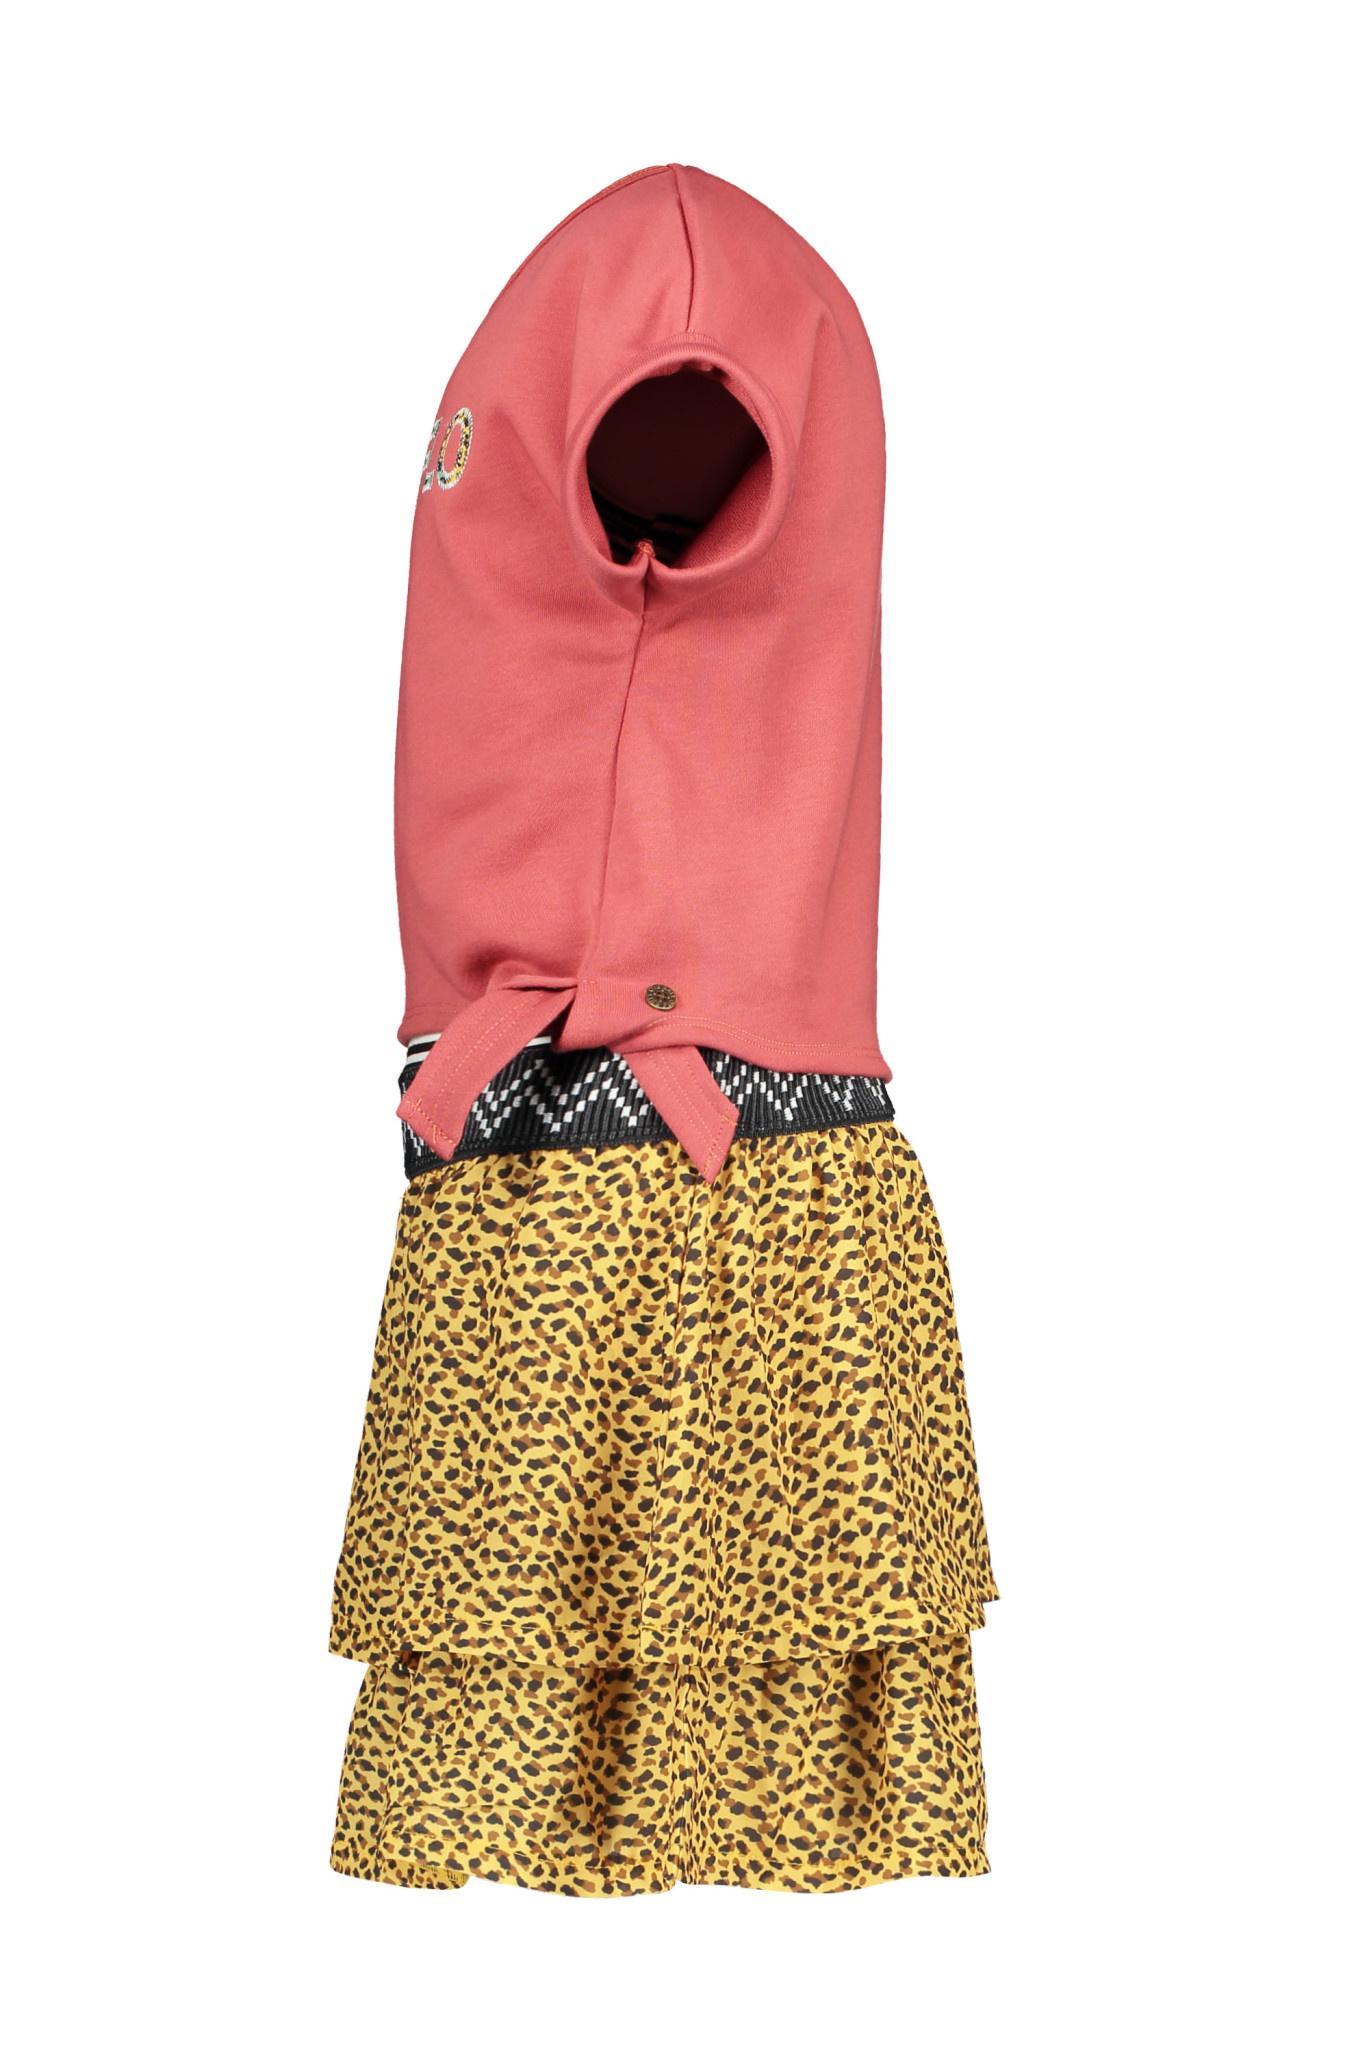 Calista Two-Piece Dress